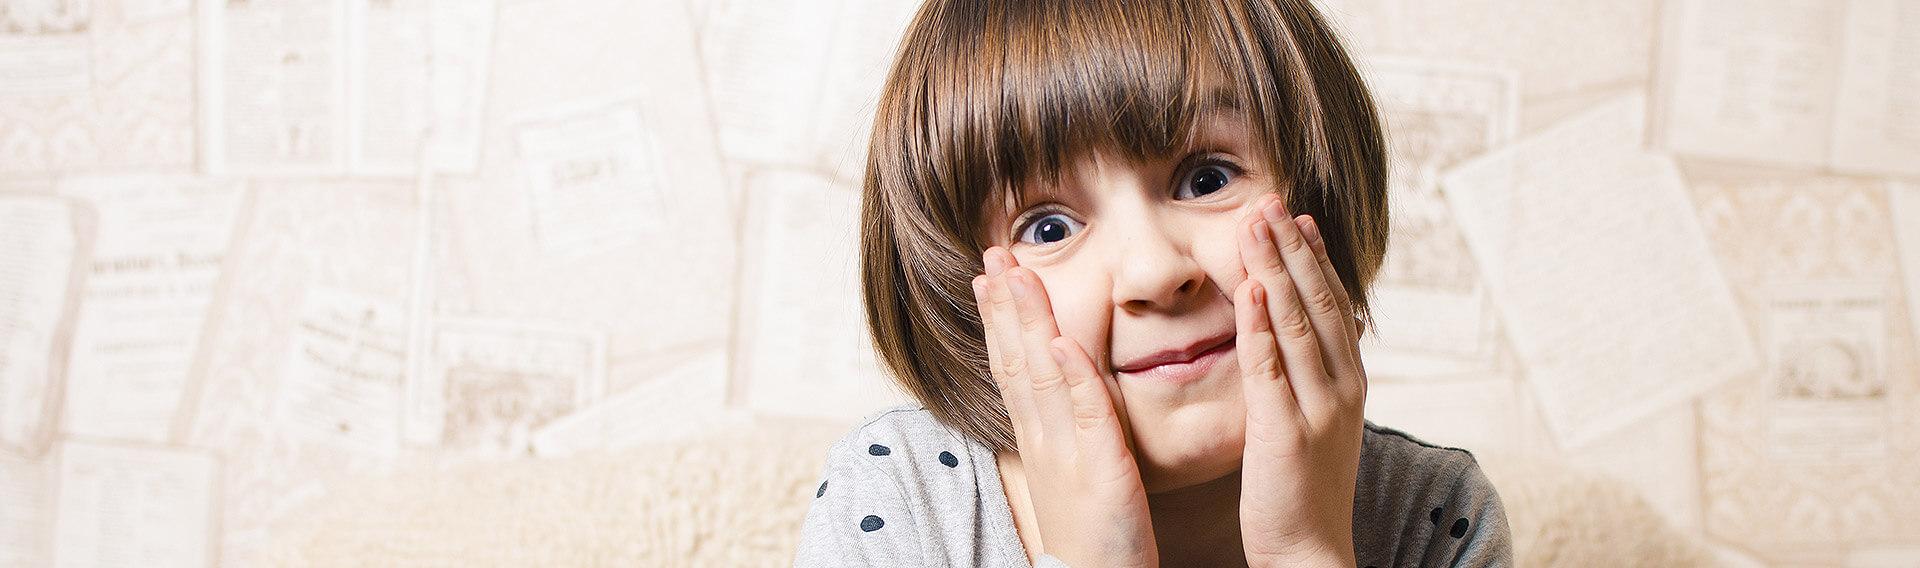 Probleme mit der Zahnspange, Schmerzen, Piksen, Bracket ab, kein Problem - wir sind im Notfall für dich da